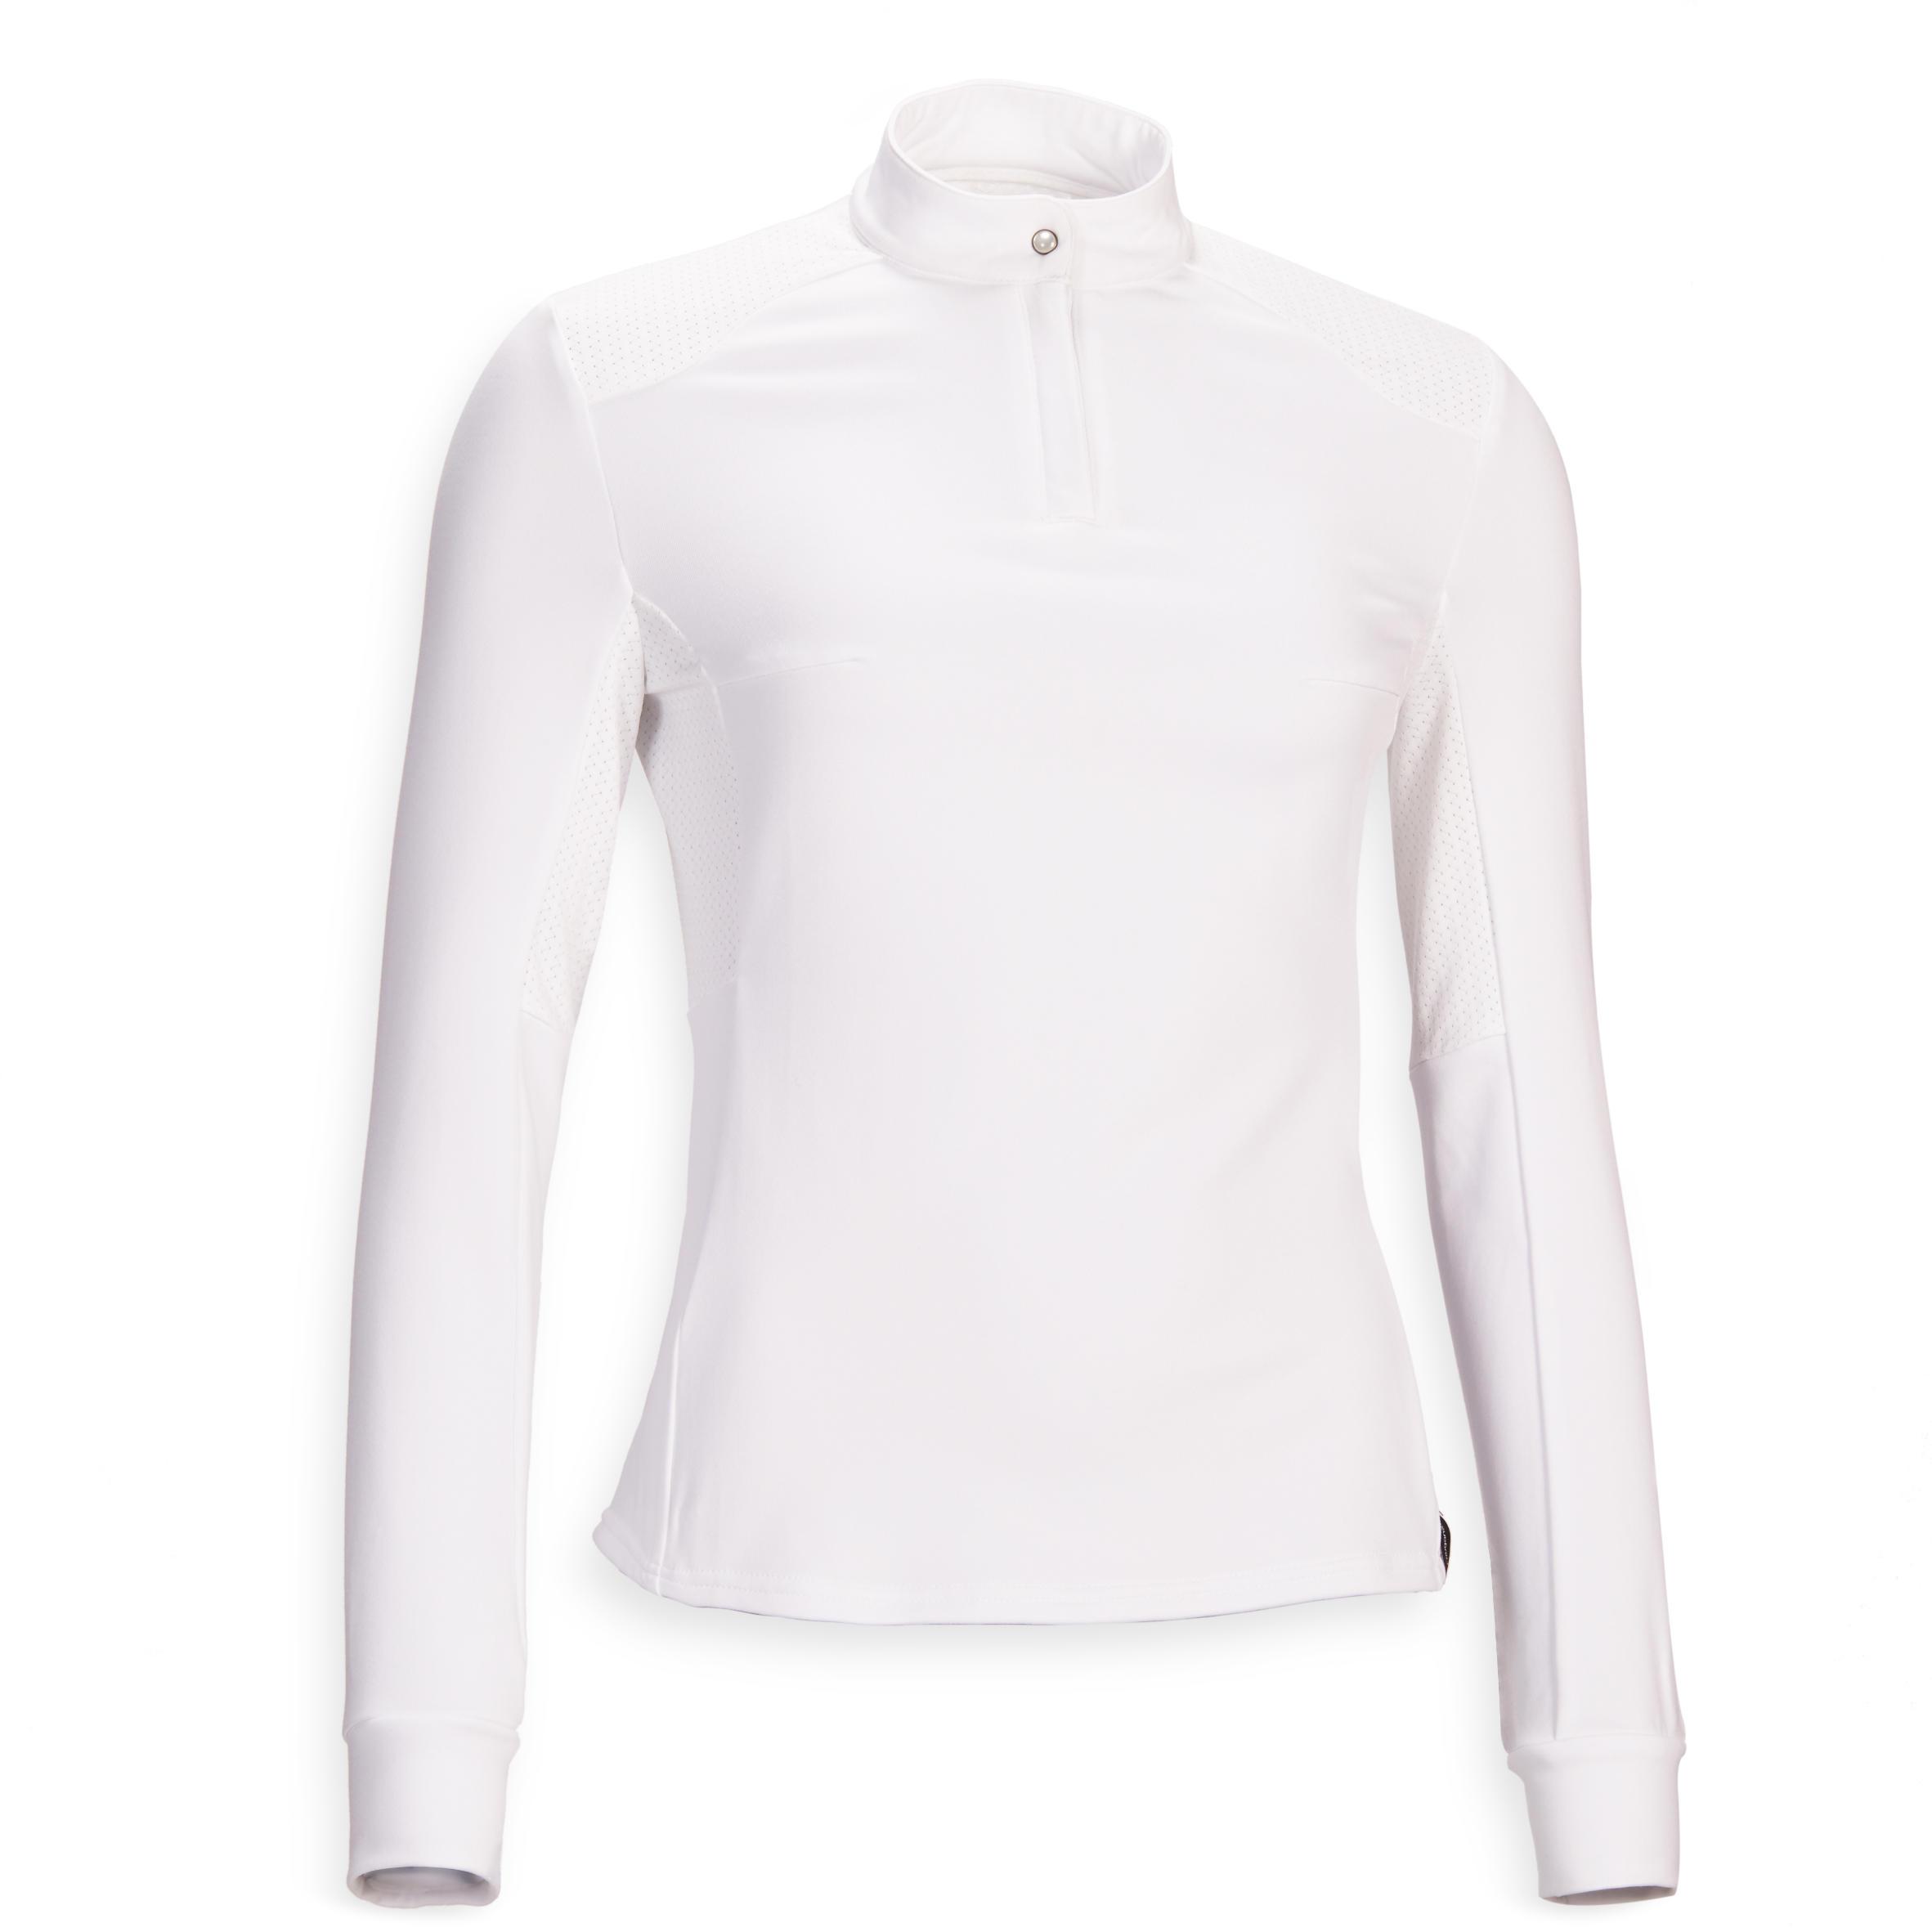 Fouganza Polo concours d'équitation femme à manches longues et chaud 500 COMP blanc - Fouganza